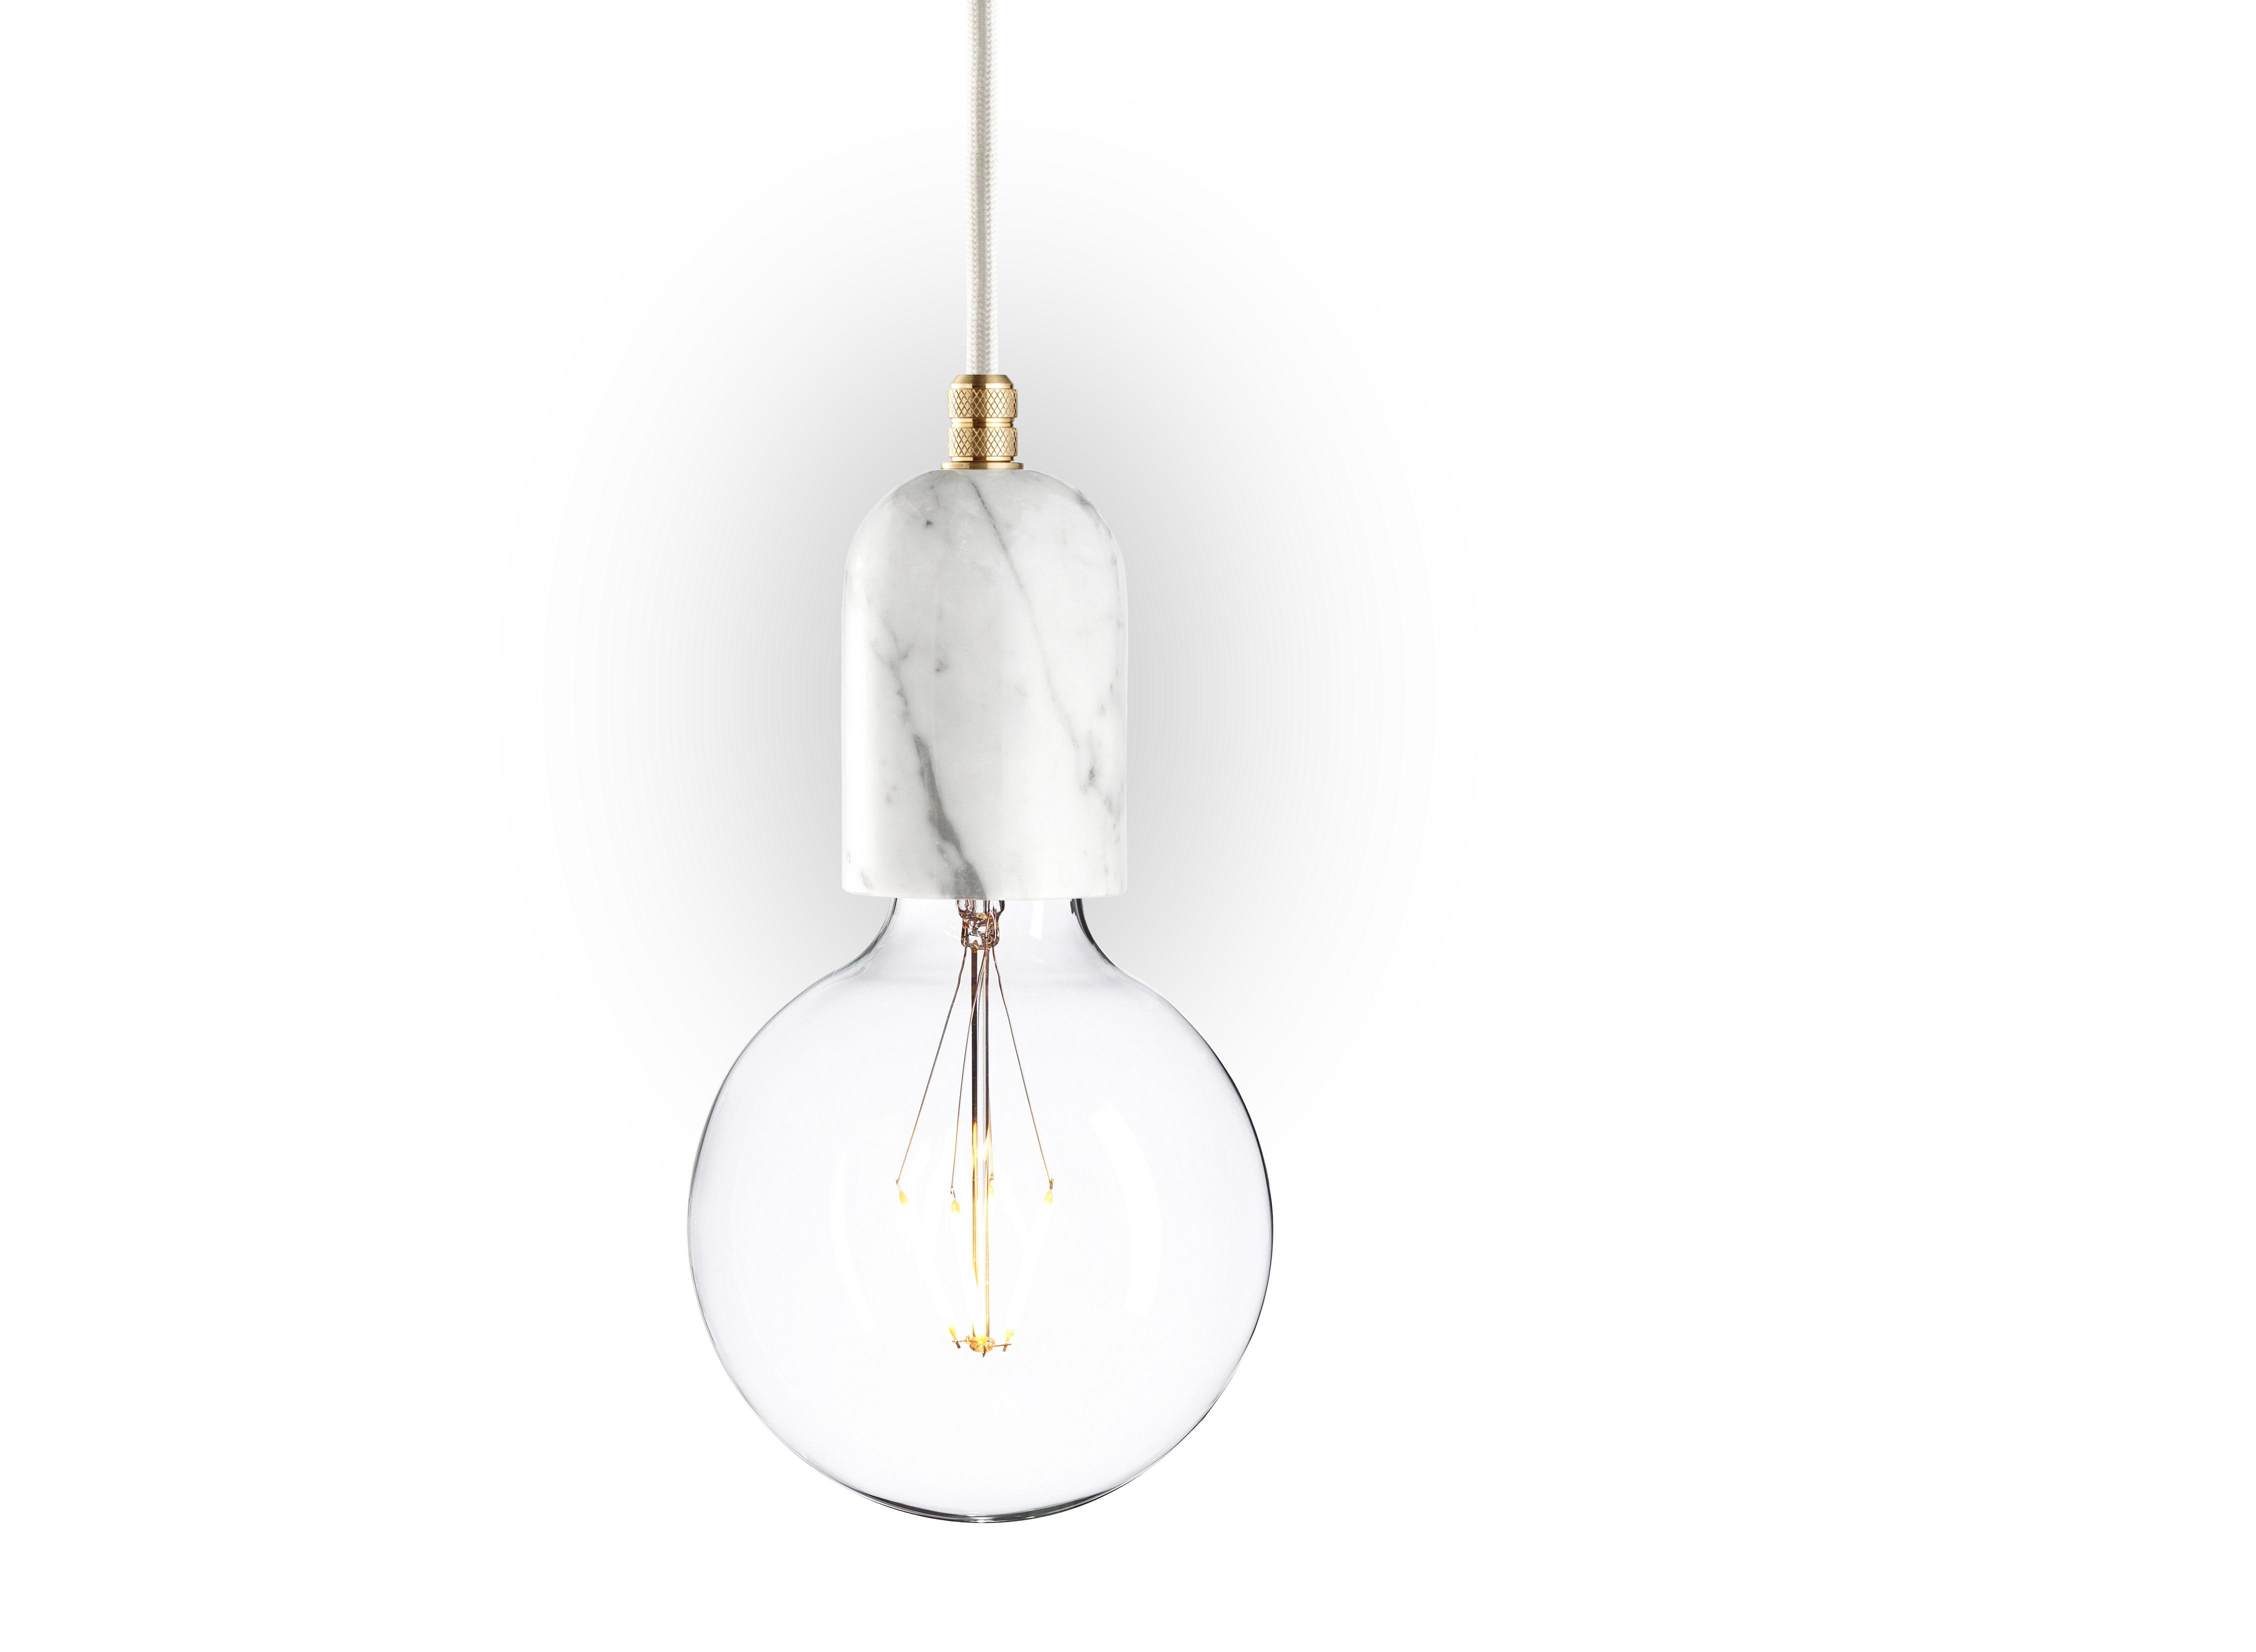 Подвесной светильник Marmor Bj?rtПодвесные светильники<br>Может ли обычная лампочка без декора смотреться элегантно? Развейте свои сомнения с &amp;quot;Marmor Bj?rt&amp;quot;. Этот подвесной светильник из натурального мрамора выглядит восхитительно. Аскетизм оформления делает его идеально подходящим для сдержанных интерьеров в стиле лофт. Белый цвет и латунные детали добавляют дизайну изысканность.&amp;lt;div&amp;gt;&amp;lt;br&amp;gt;&amp;lt;/div&amp;gt;&amp;lt;div&amp;gt;Лампочка приобретается отдельно. Цоколь Е27, максимальная мощность лампочки - 60 W, длина шнура - 3 м. &amp;amp;nbsp;&amp;amp;nbsp;&amp;lt;/div&amp;gt;&amp;lt;div&amp;gt;Материал: корпус - мрамор Bianco Carrara, фурнитура - латунь, сталь, патрон - пластик, кабель в оплетке. &amp;amp;nbsp;<br>Под заказ. Срок изготовления 3 недели.&amp;amp;nbsp;&amp;lt;/div&amp;gt;<br><br>Material: Мрамор<br>Height см: 10,8<br>Diameter см: 6